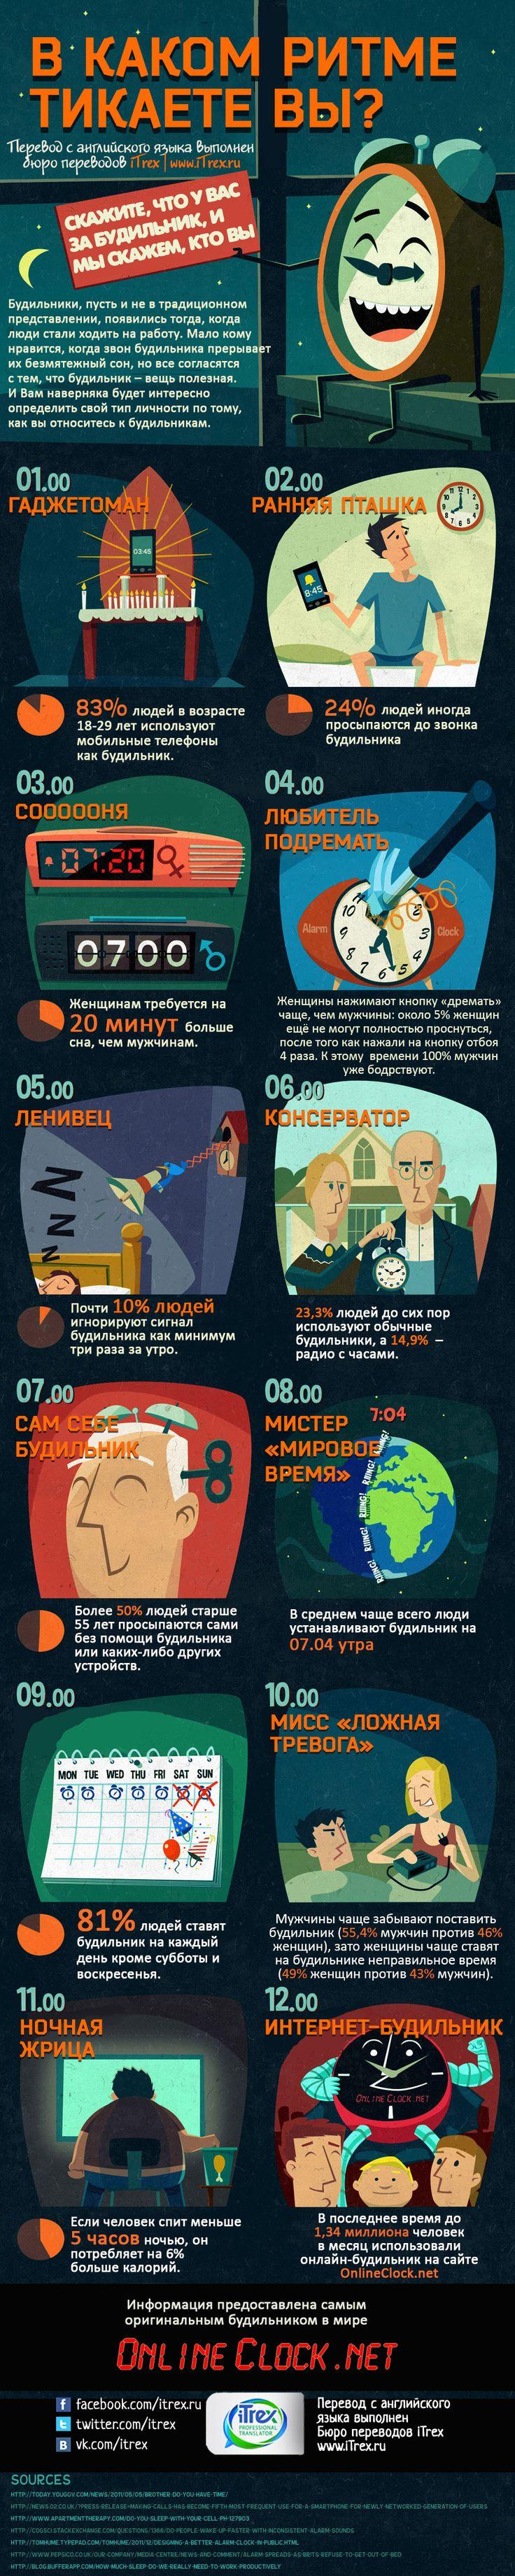 Под конец рабочей недели поговорим про будильники. Вы к какому типу себя относите? http://itrex.ru/news/kak-tikaete-vy